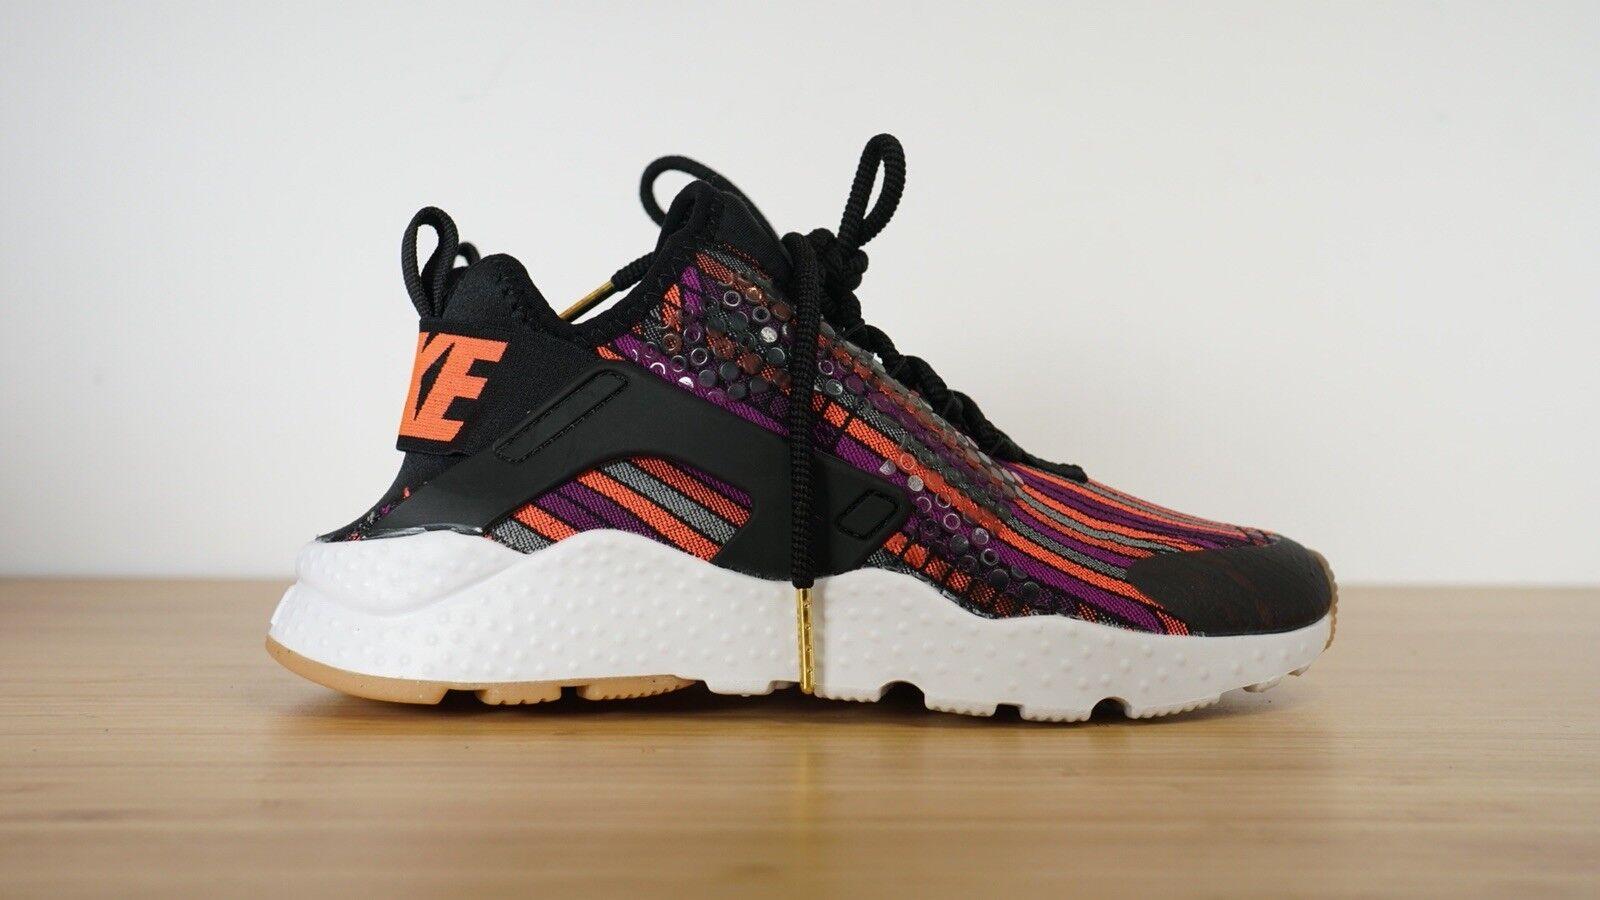 Nike Air Huarache Jacquard Run Black Hot Lava size 6.5 6.5 6.5 885019-001 Multicolor 2e336d